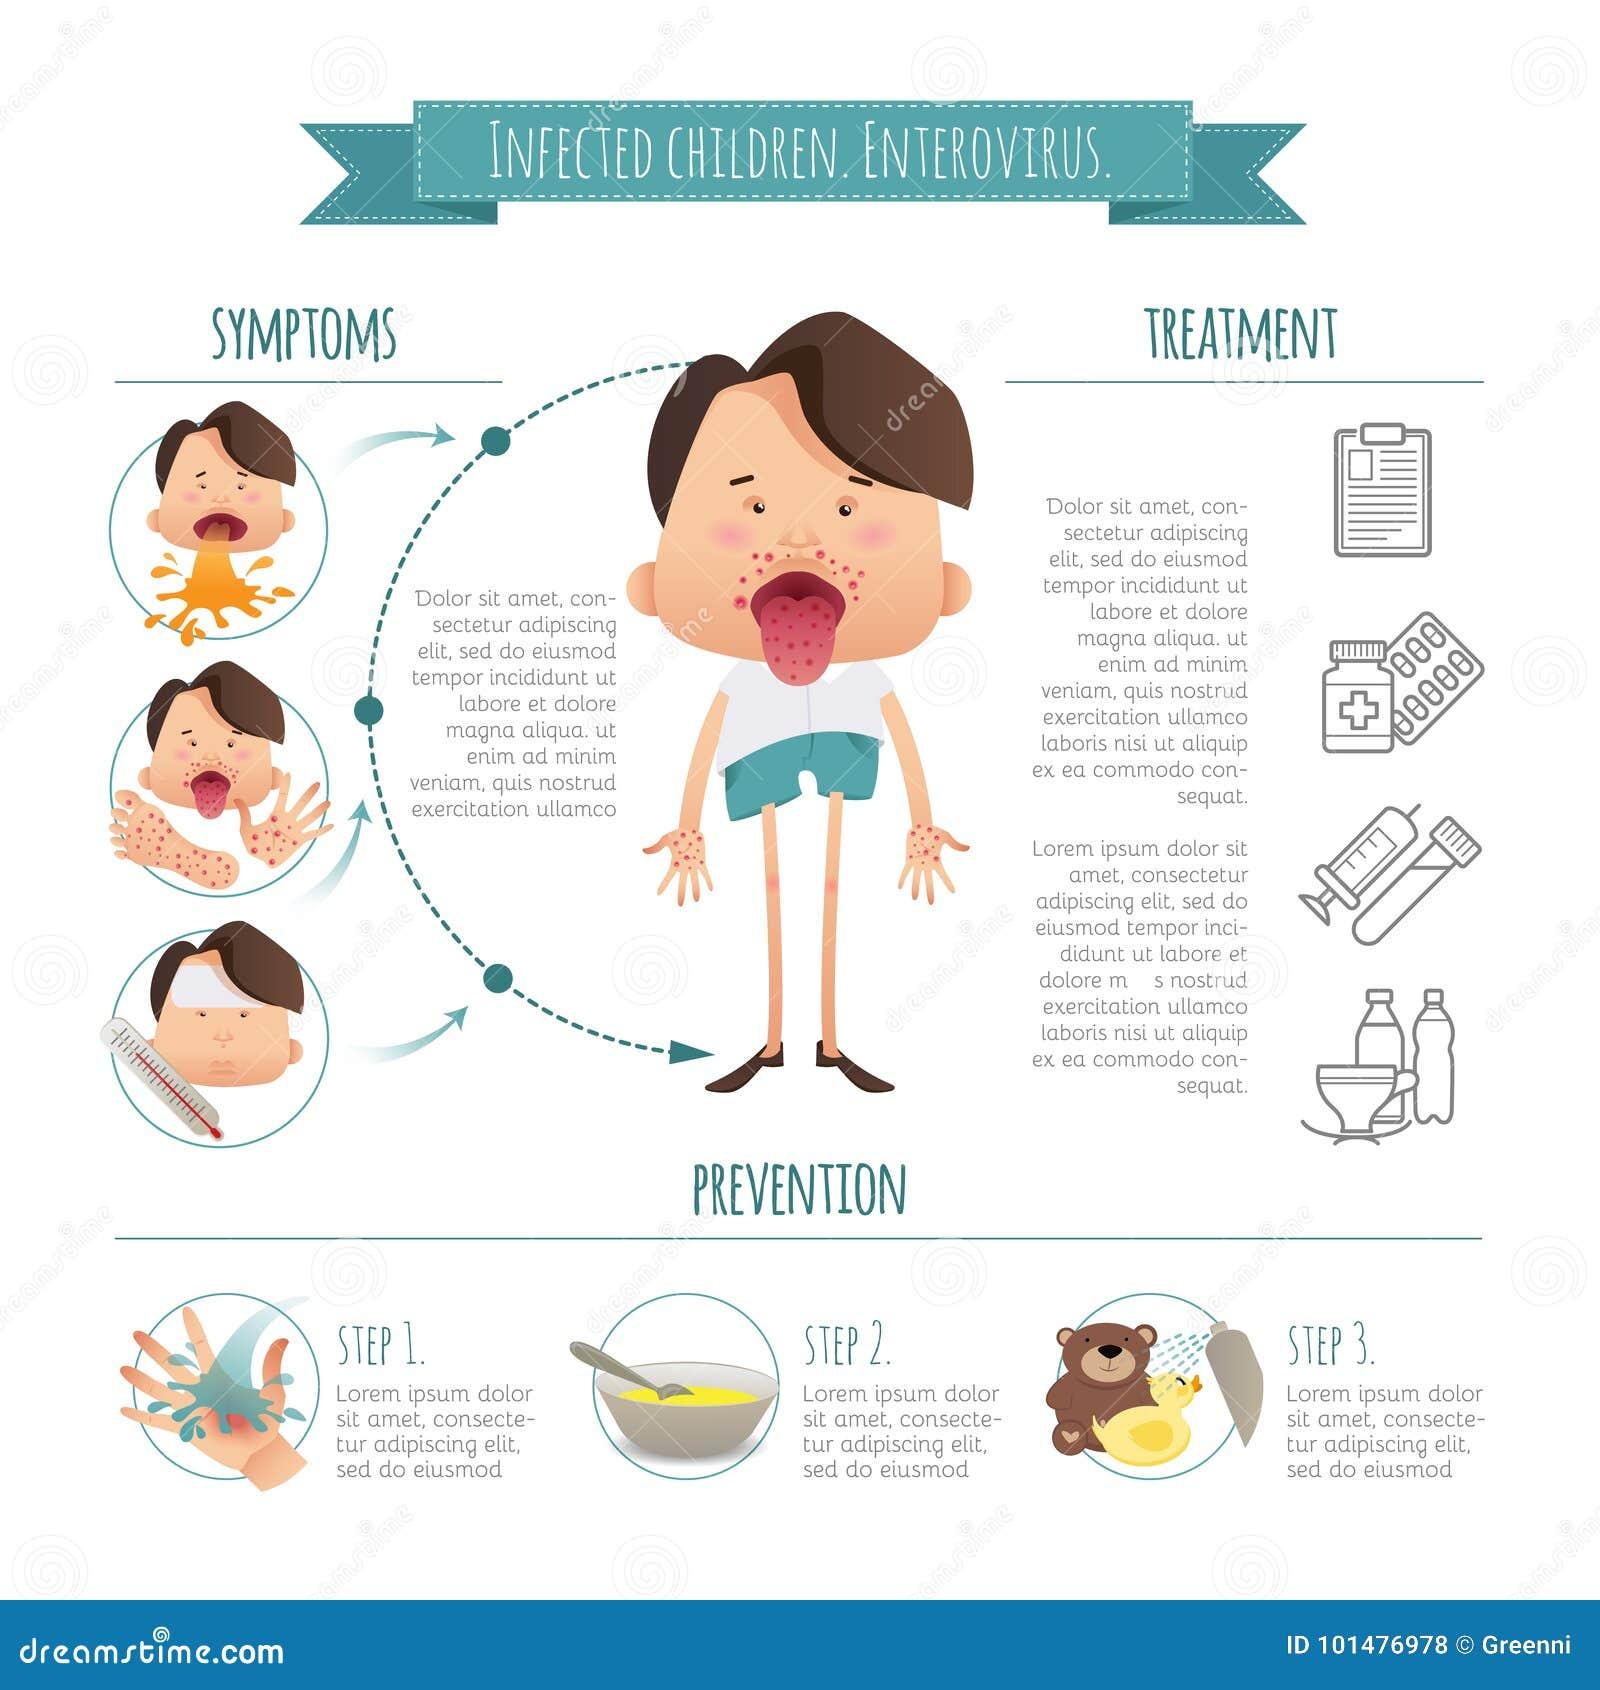 enfants infect s ent rovirus la maladie infographics de main pied bouche sympt mes pr vention. Black Bedroom Furniture Sets. Home Design Ideas